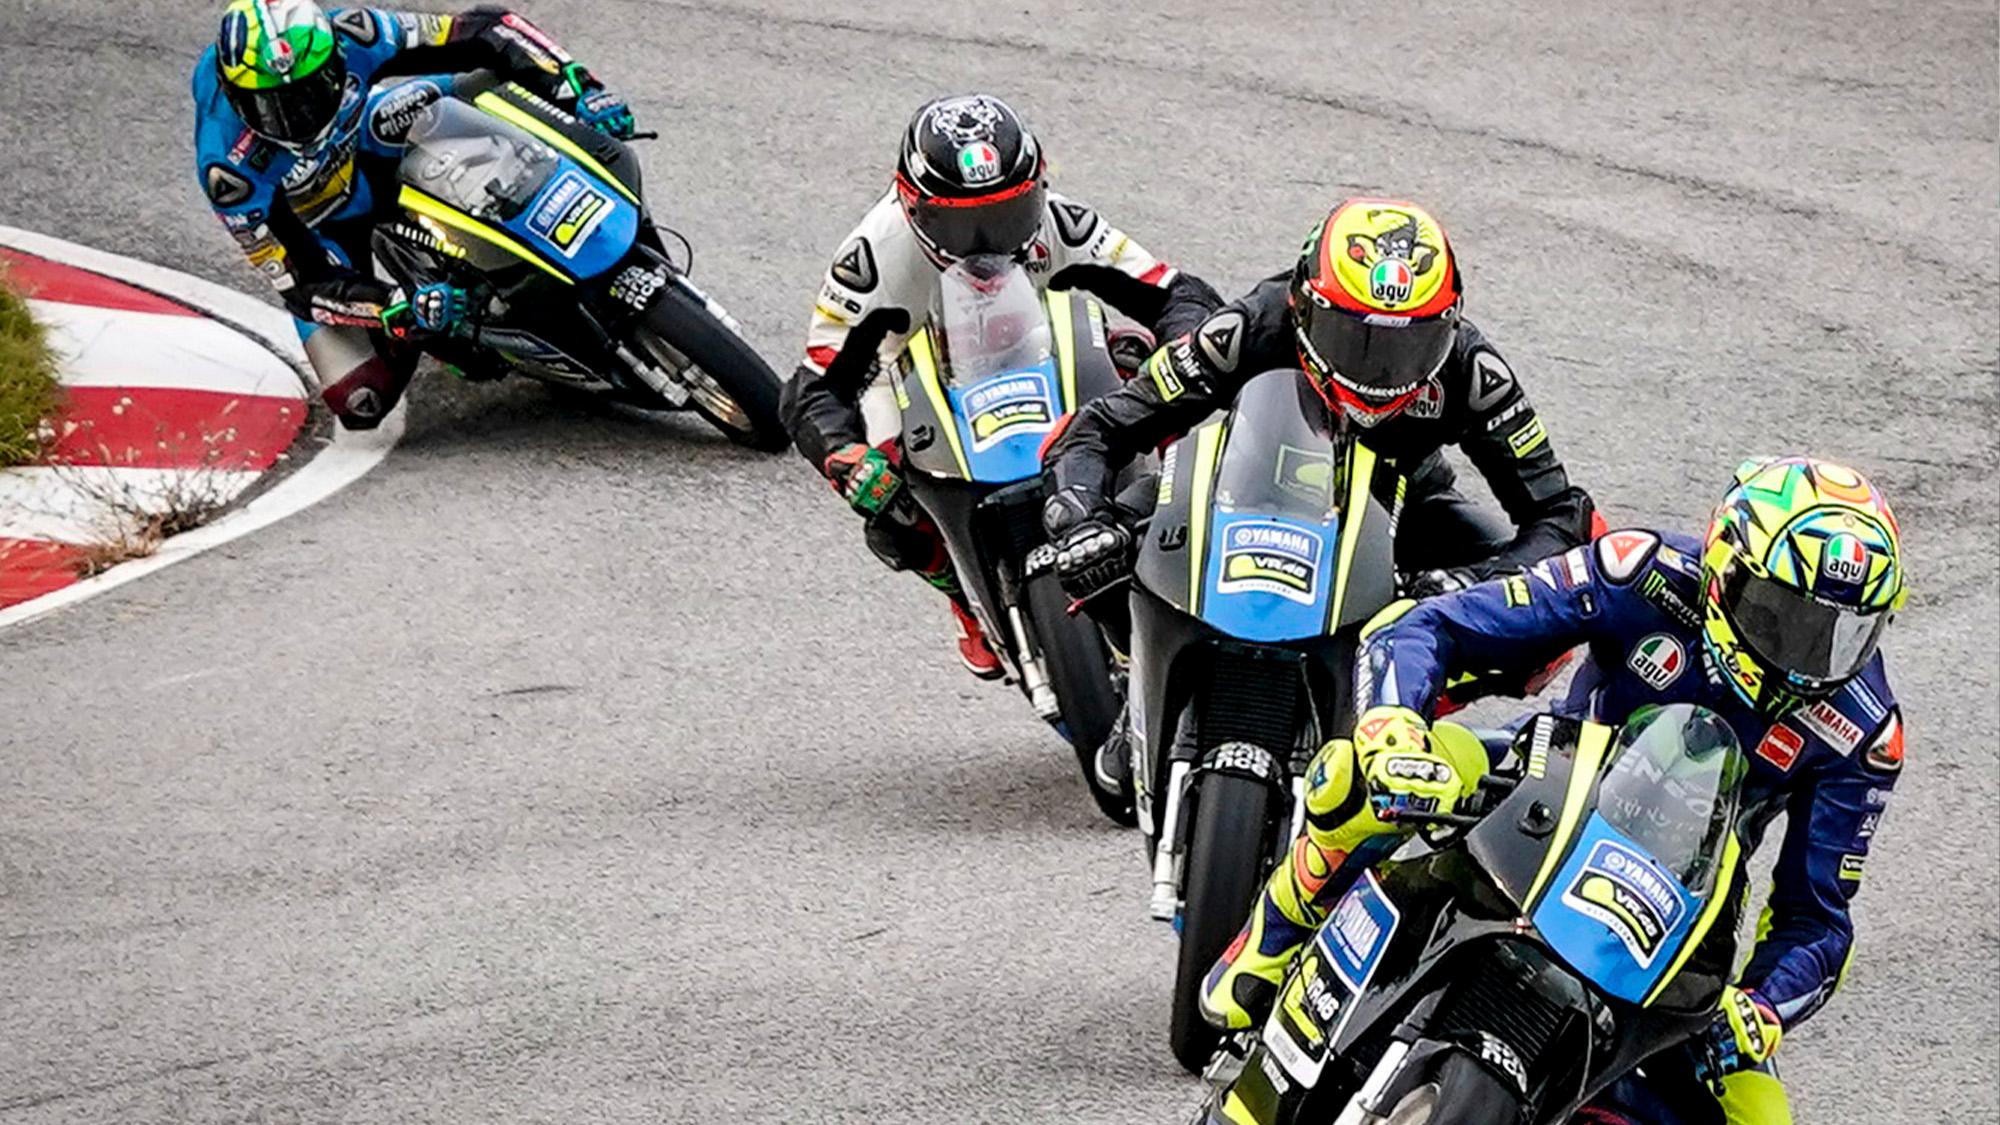 Rossi, Bezzecchi, Nico Antonelli and Morbidelli